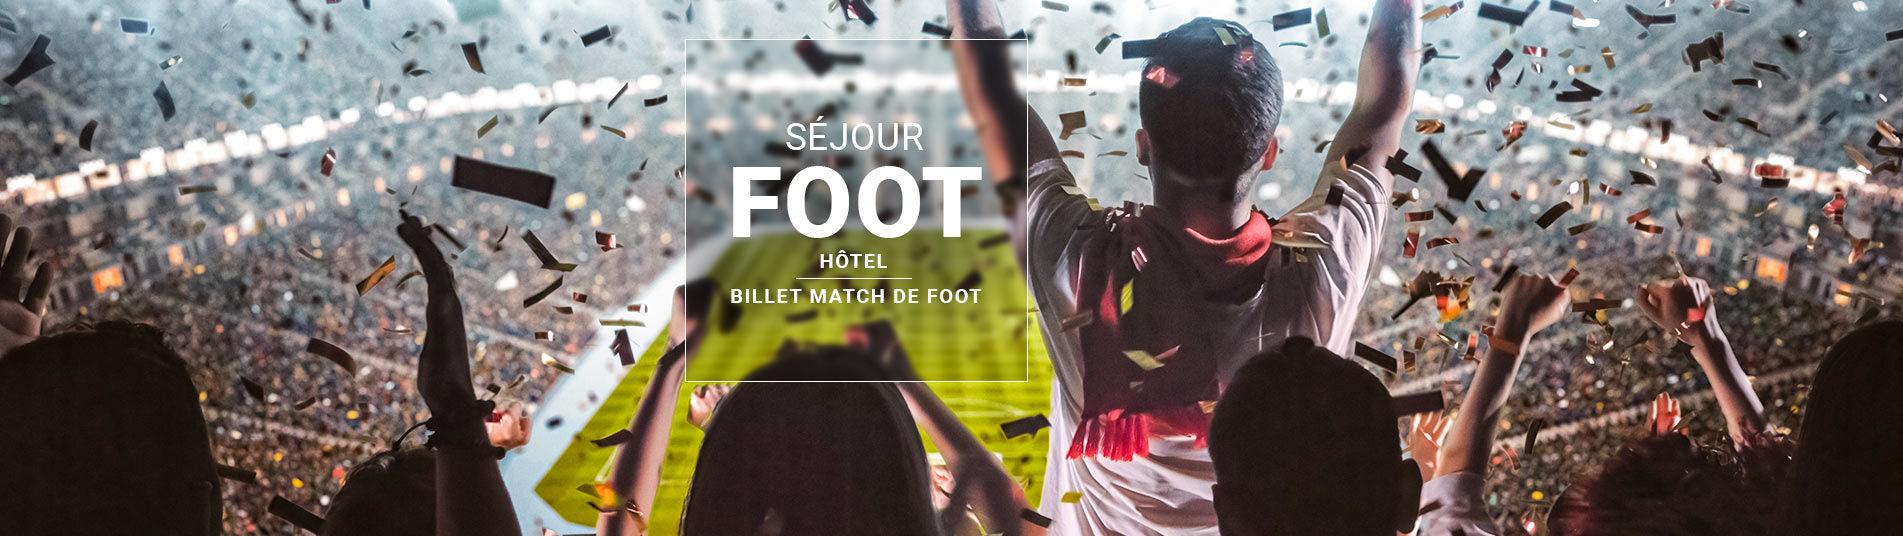 Séjour Foot avec billet pour Match